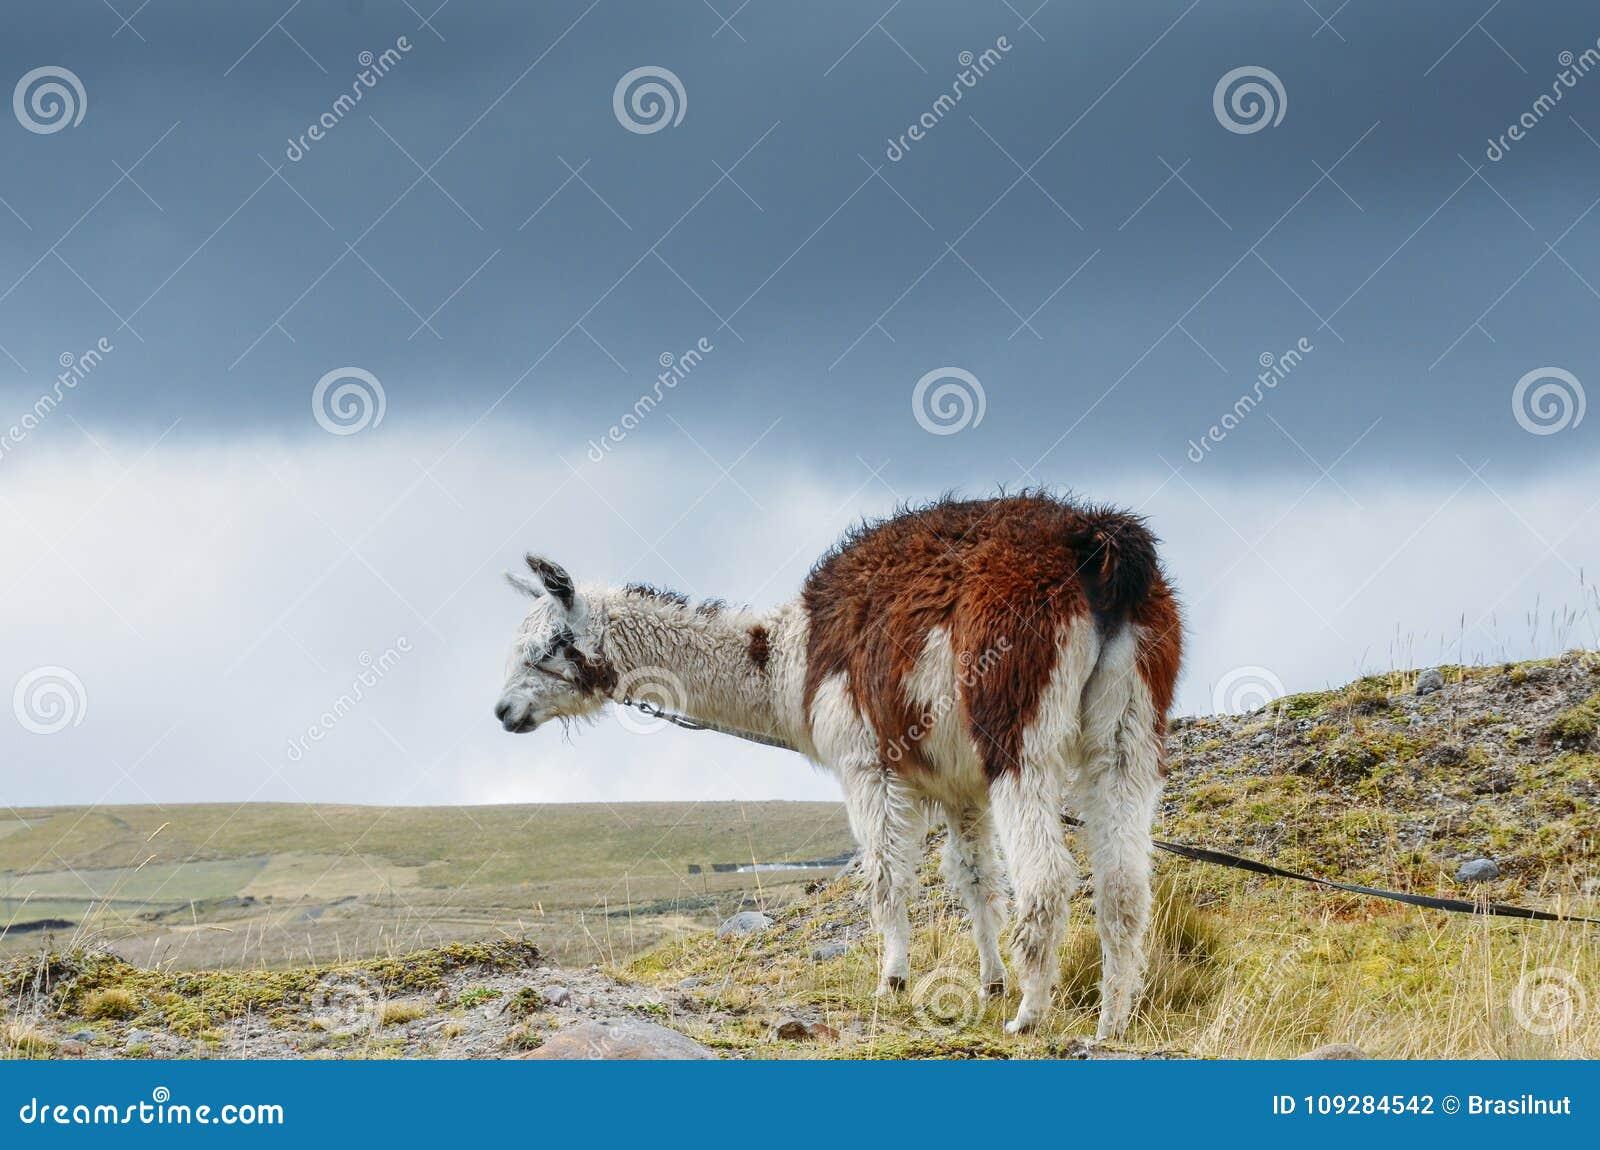 Lama jest udomowiającym południem - amerykański camelid, powszechnie używany jako juczny zwierzę i mięso Andyjskimi kulturami od